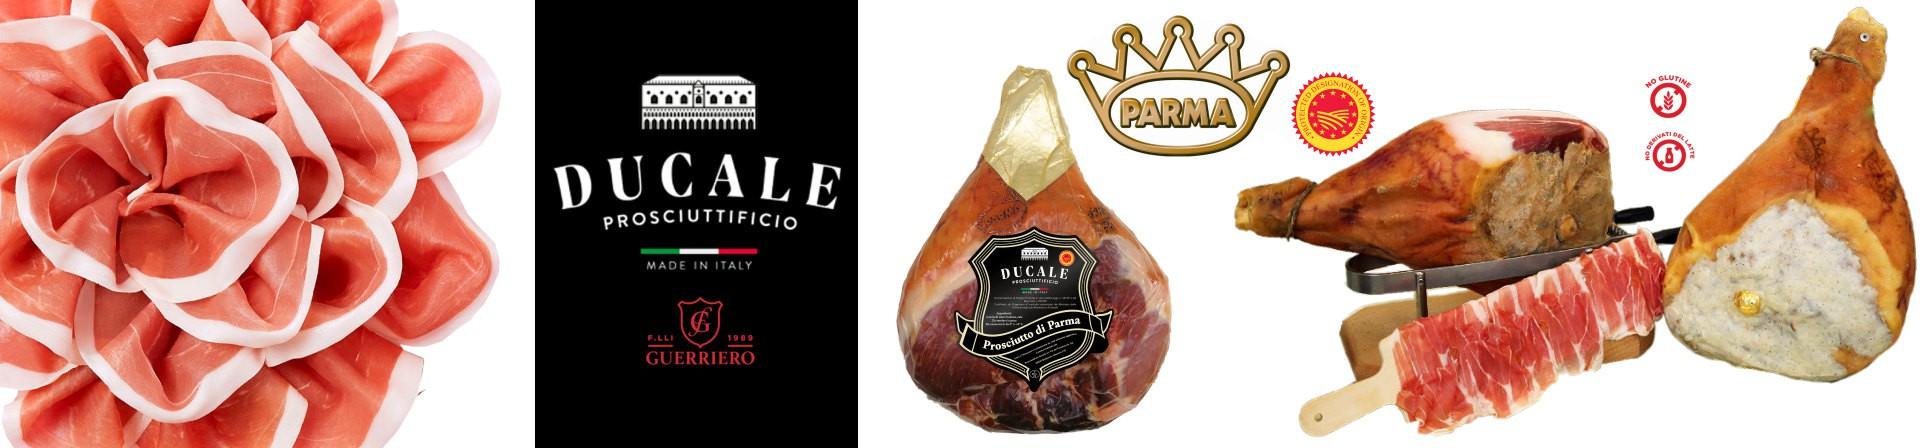 B2B GUSTOX - il Marketplace all'ingrosso delle eccellenze agroalimentari italiane - Prosciutto di Parma DOP - Prosciuttificio Ducale